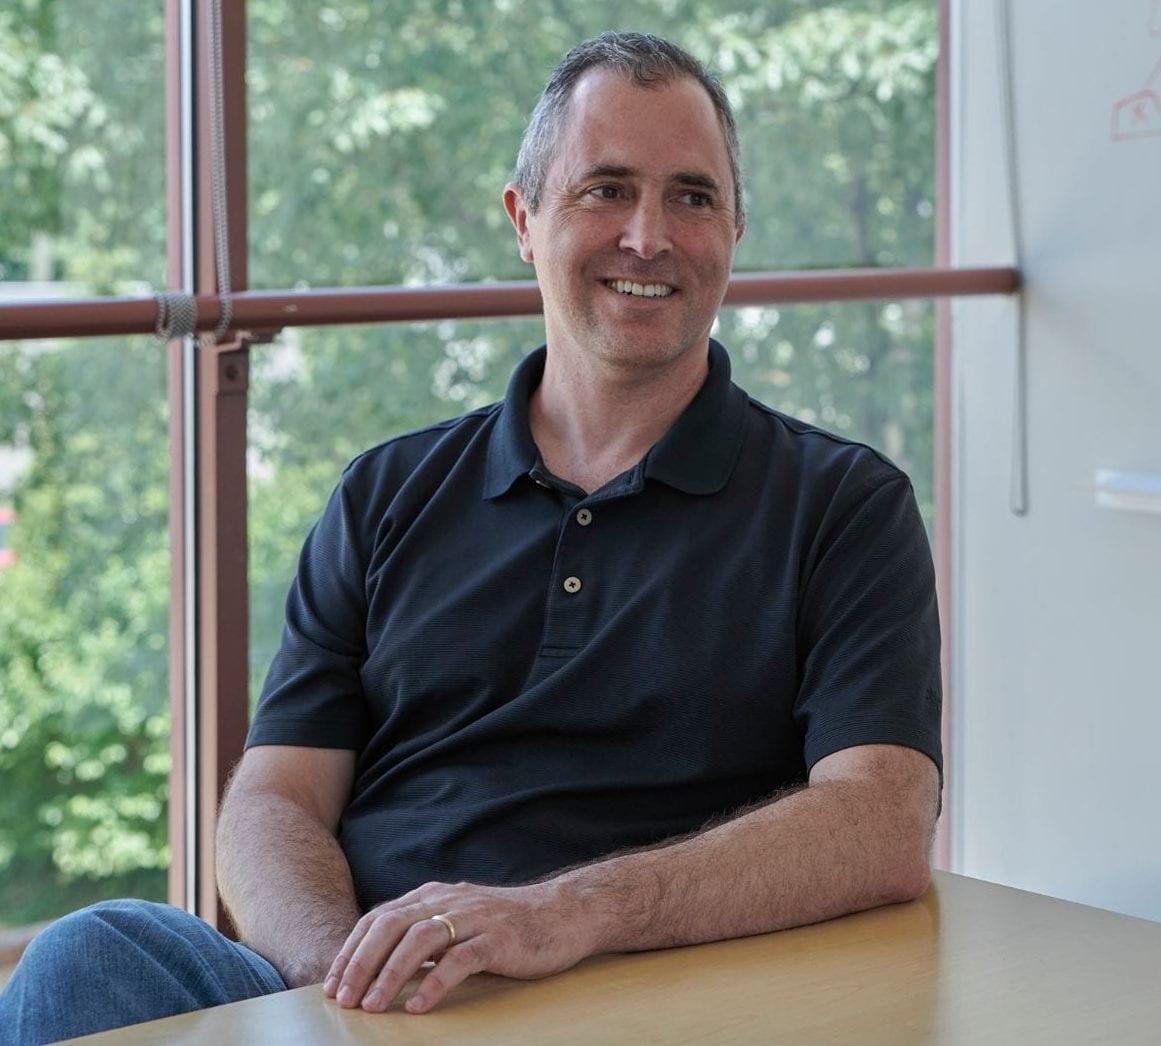 برایان نوزک، از بنیانگذاران و مدیر اجرایی مرکز علم شفاف